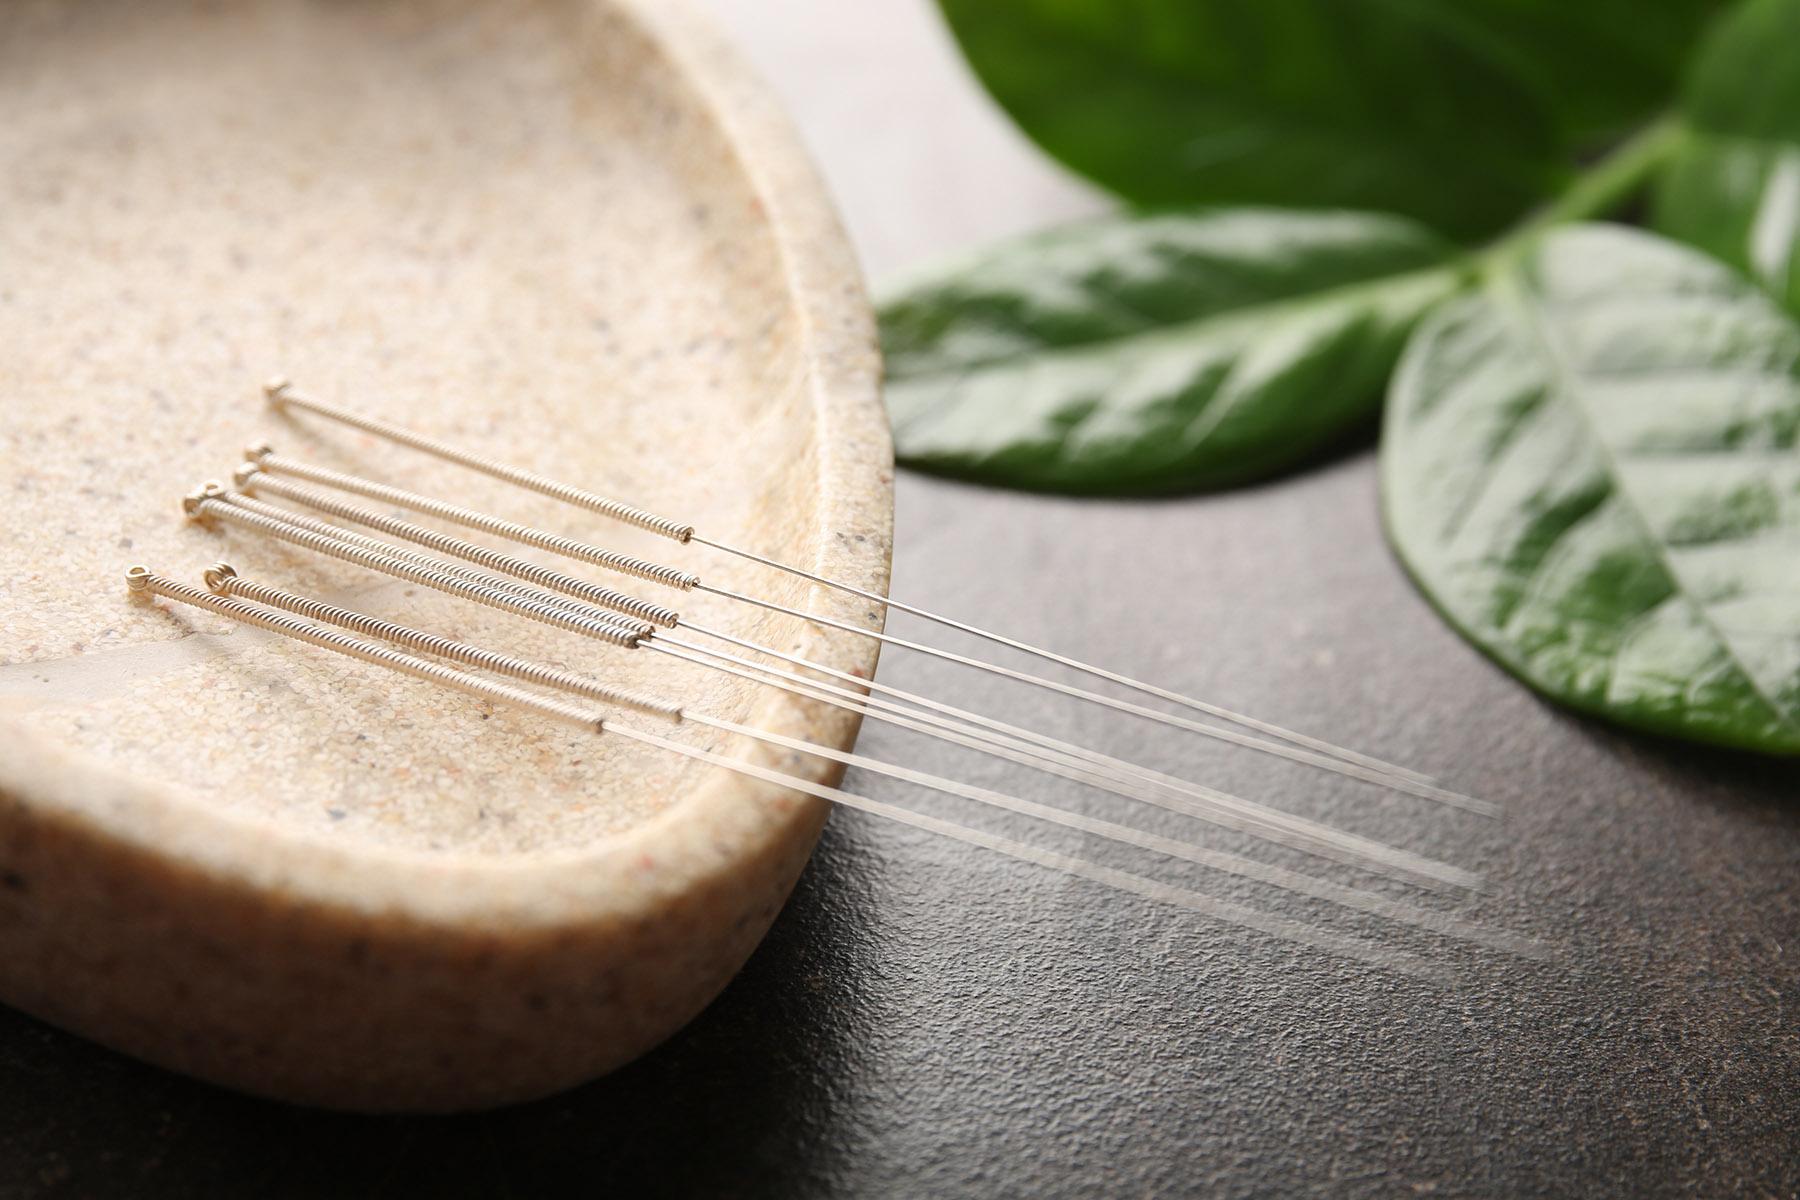 cosmetic acupuncturist